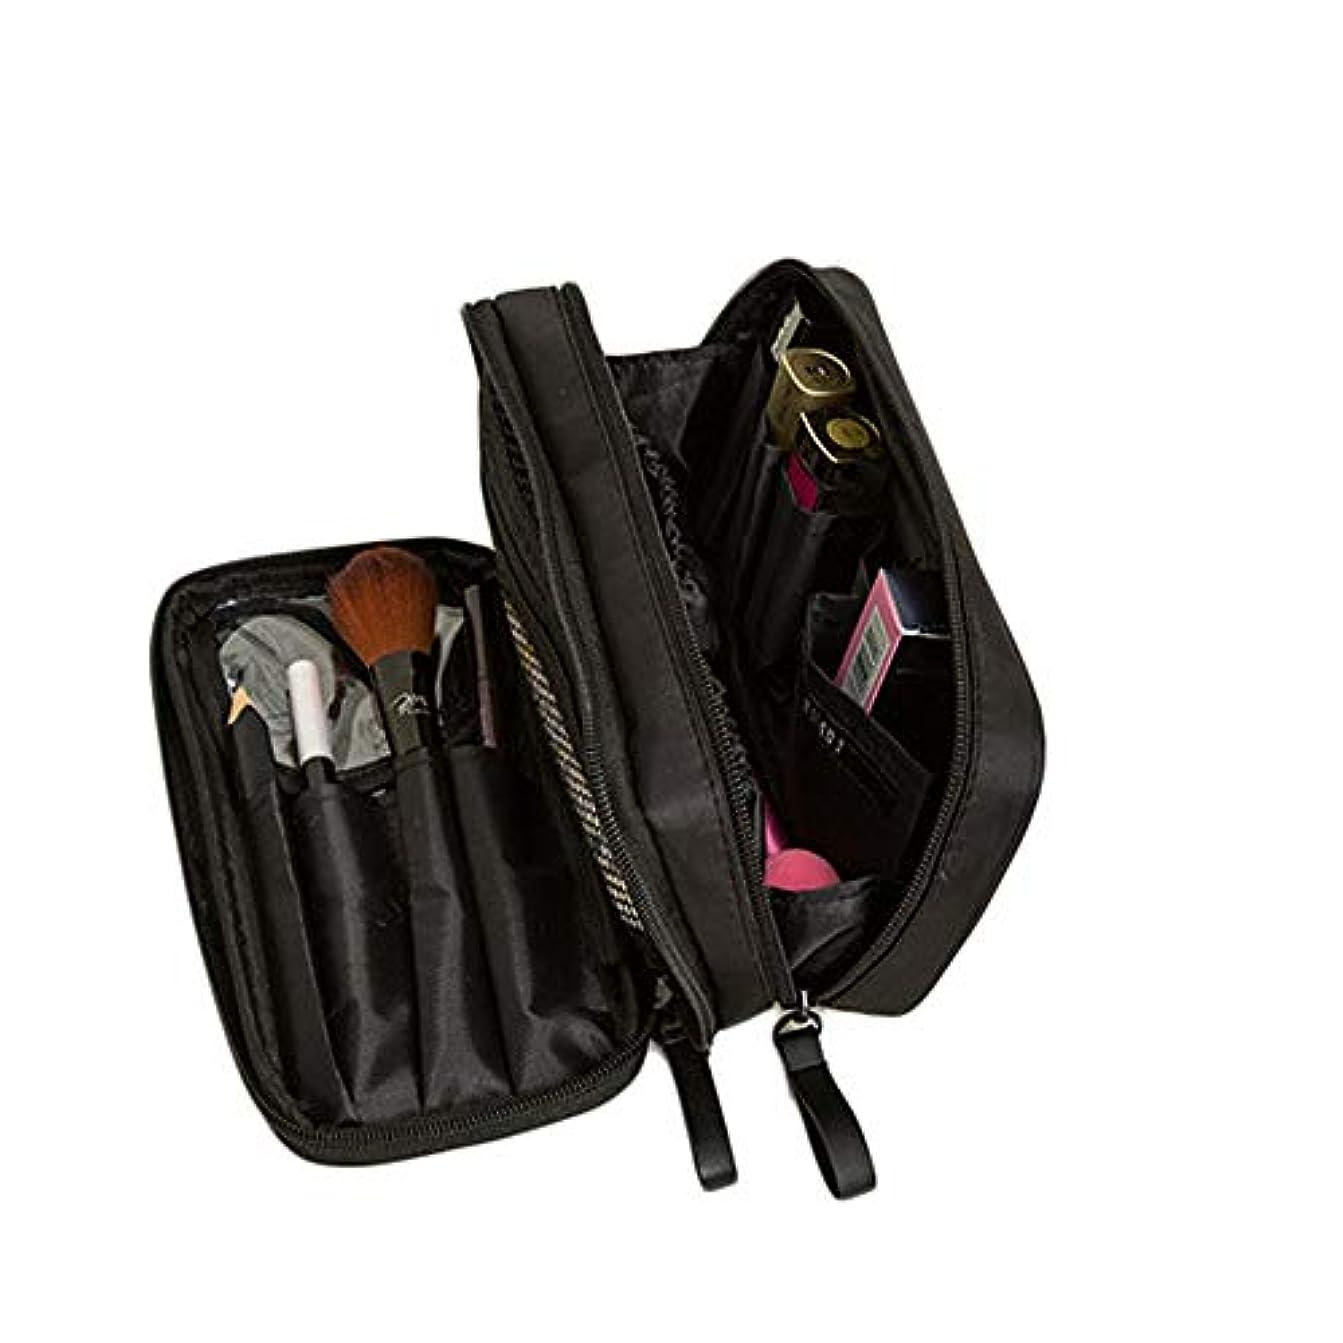 どんよりした国民ラボ特大スペース収納ビューティーボックス 携帯用化粧品袋、専門の化粧品袋の札入れの旅行者の密集した二重層化粧品/化粧品のブラシ袋の女性、旅行/電車セットの貯蔵袋。 化粧品化粧台 (色 : ブラック)